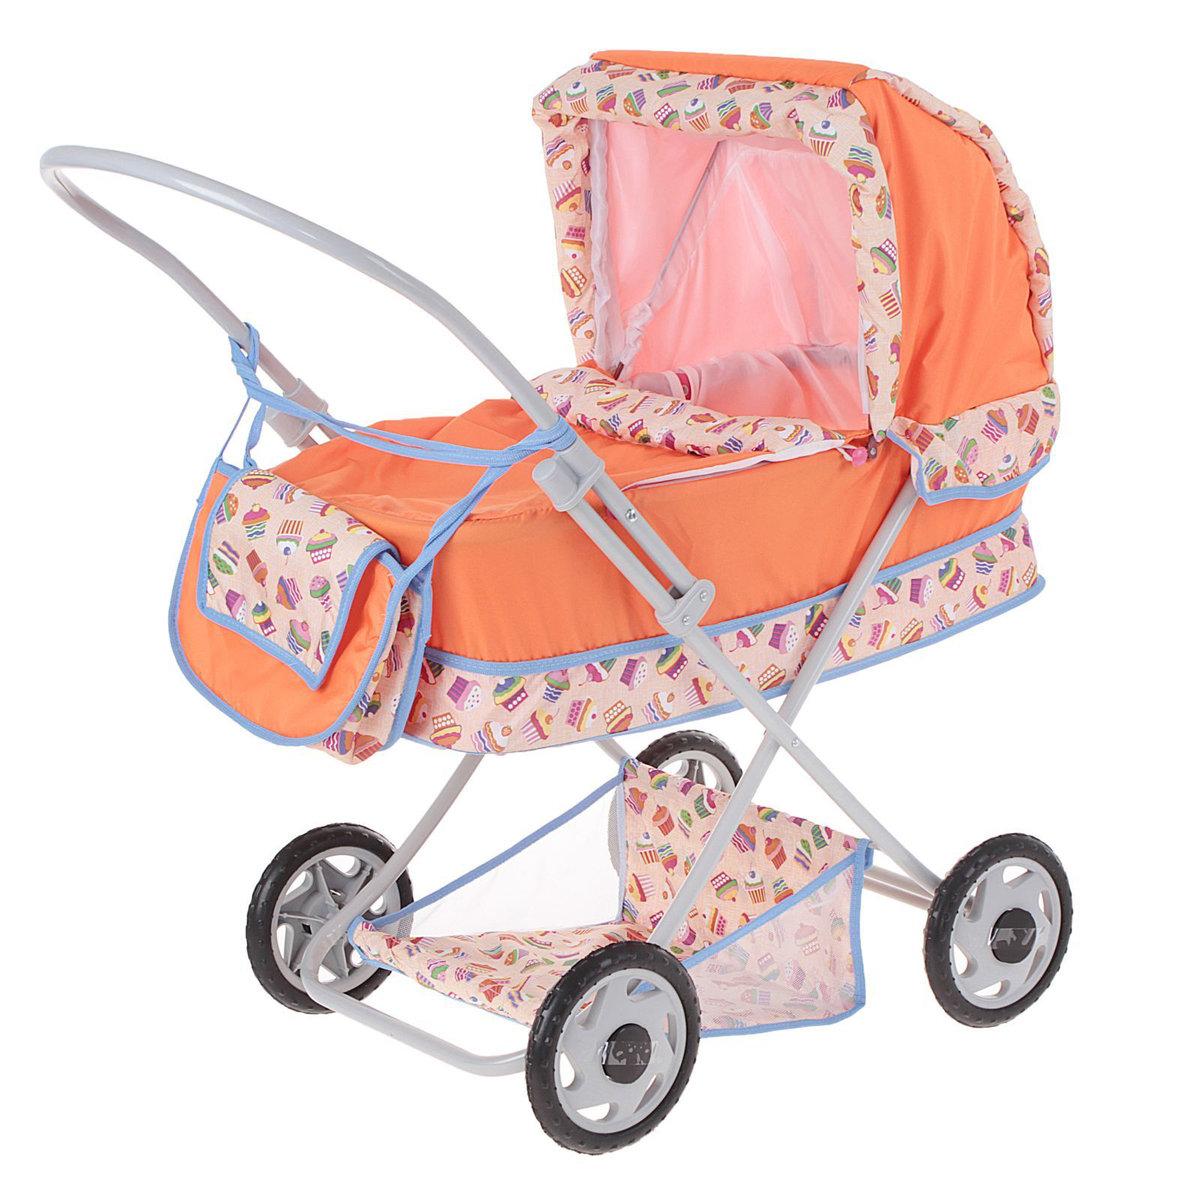 Картинки детские коляски игрушечные